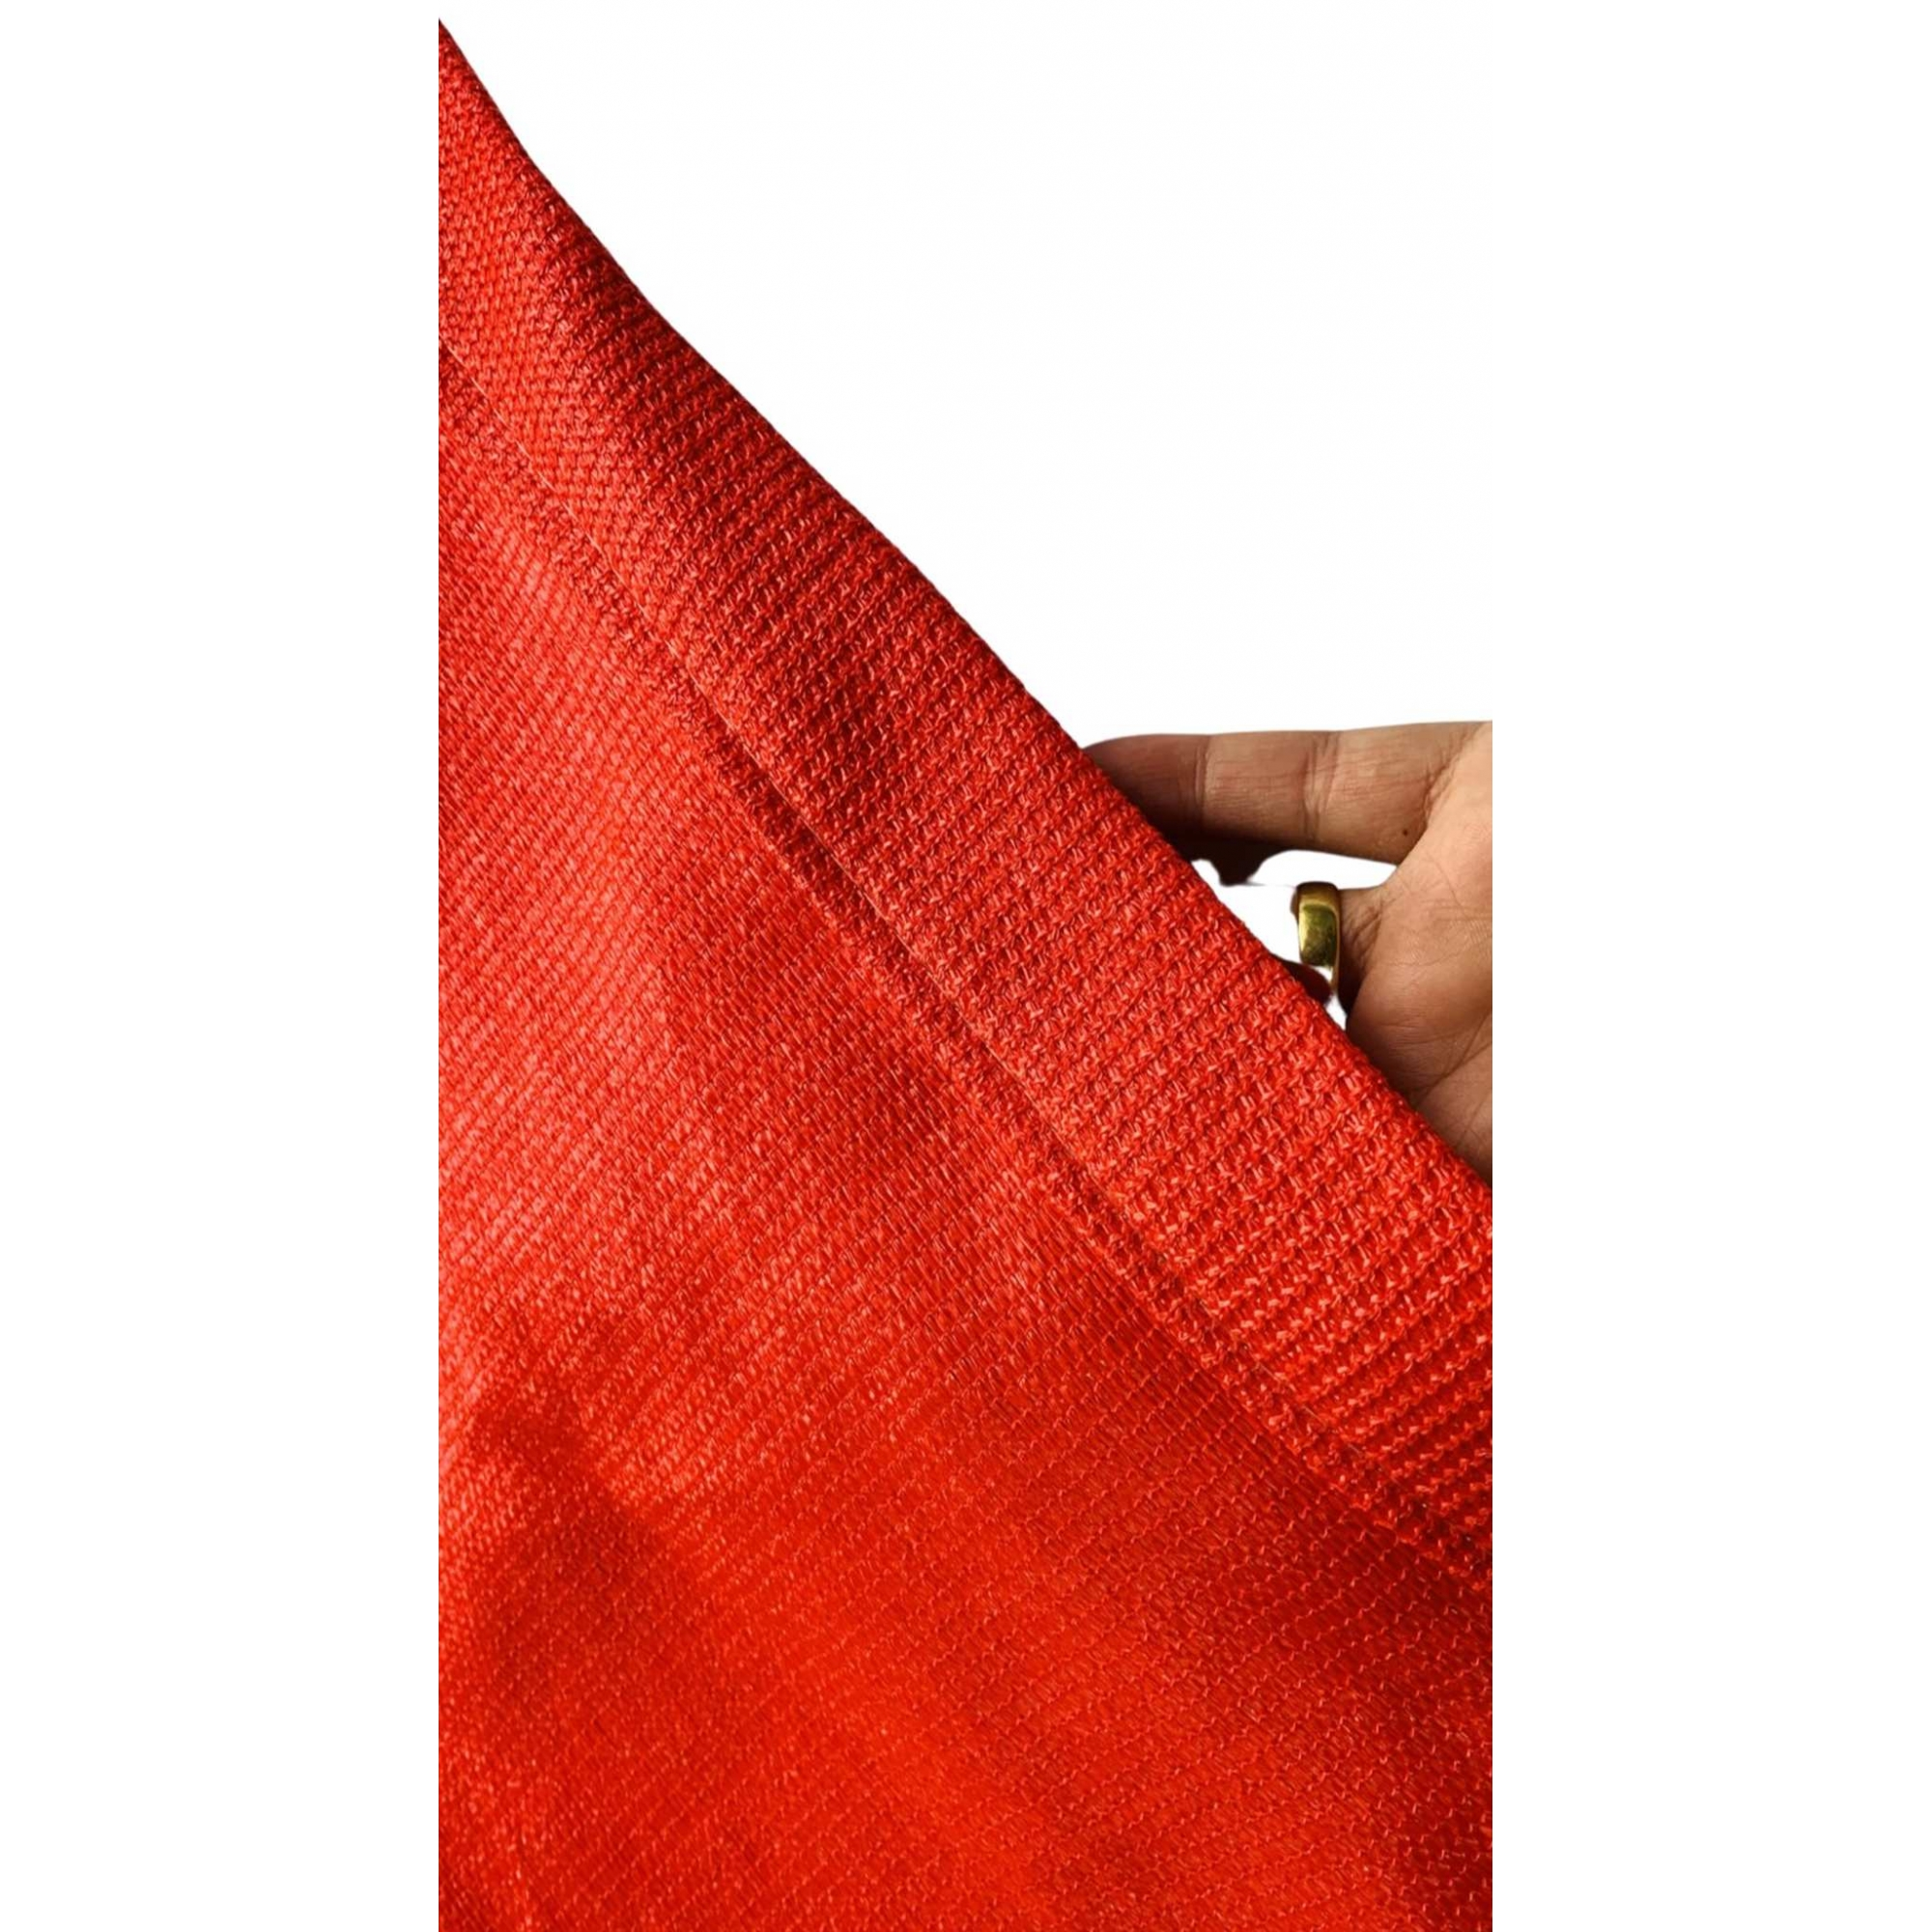 Tela de Sombreamento 90% Vermelha com Bainha e Ilhós - Largura: 4,5 Metros